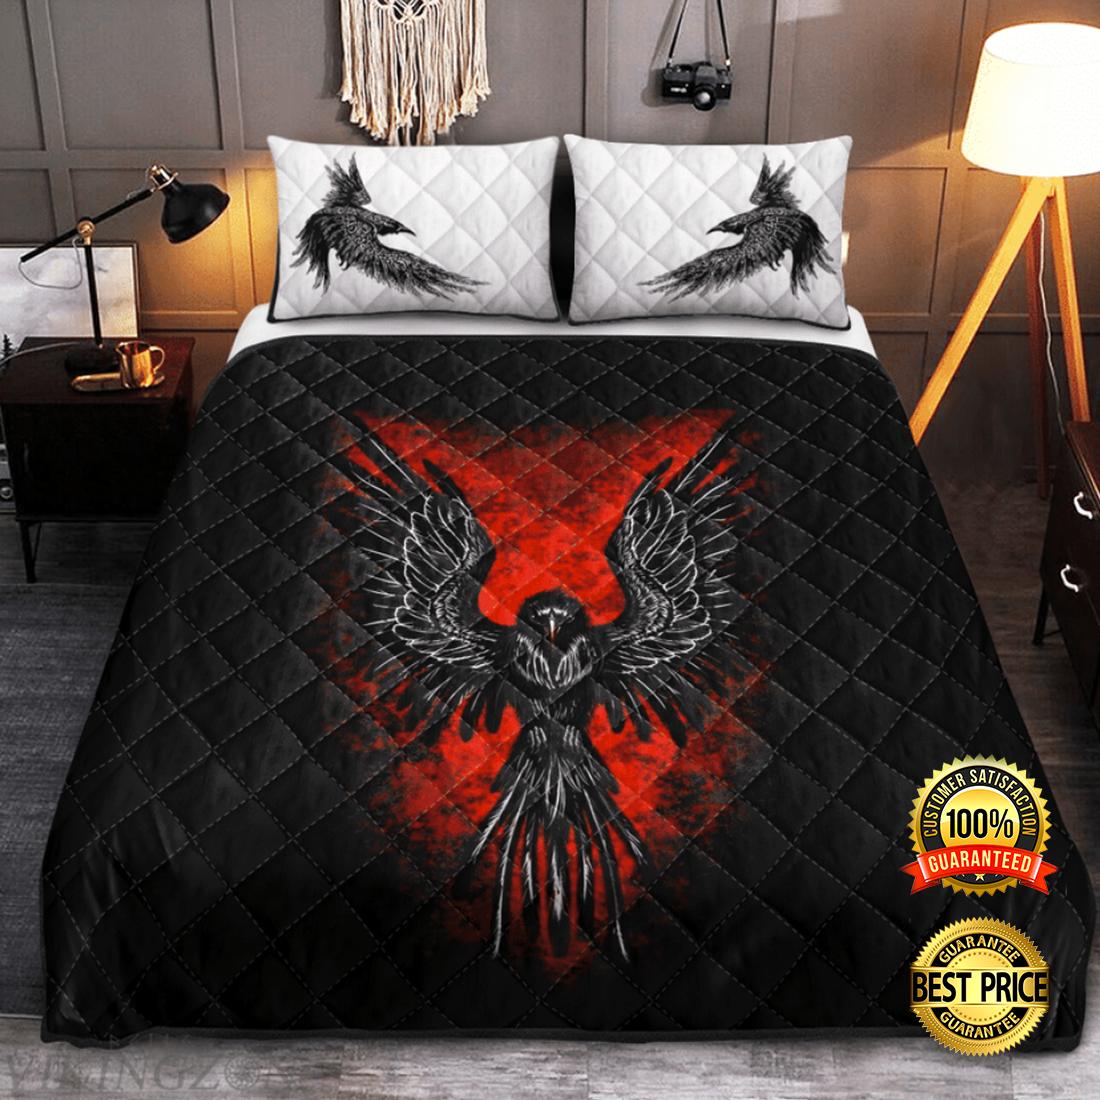 Raven viking bedding set 4